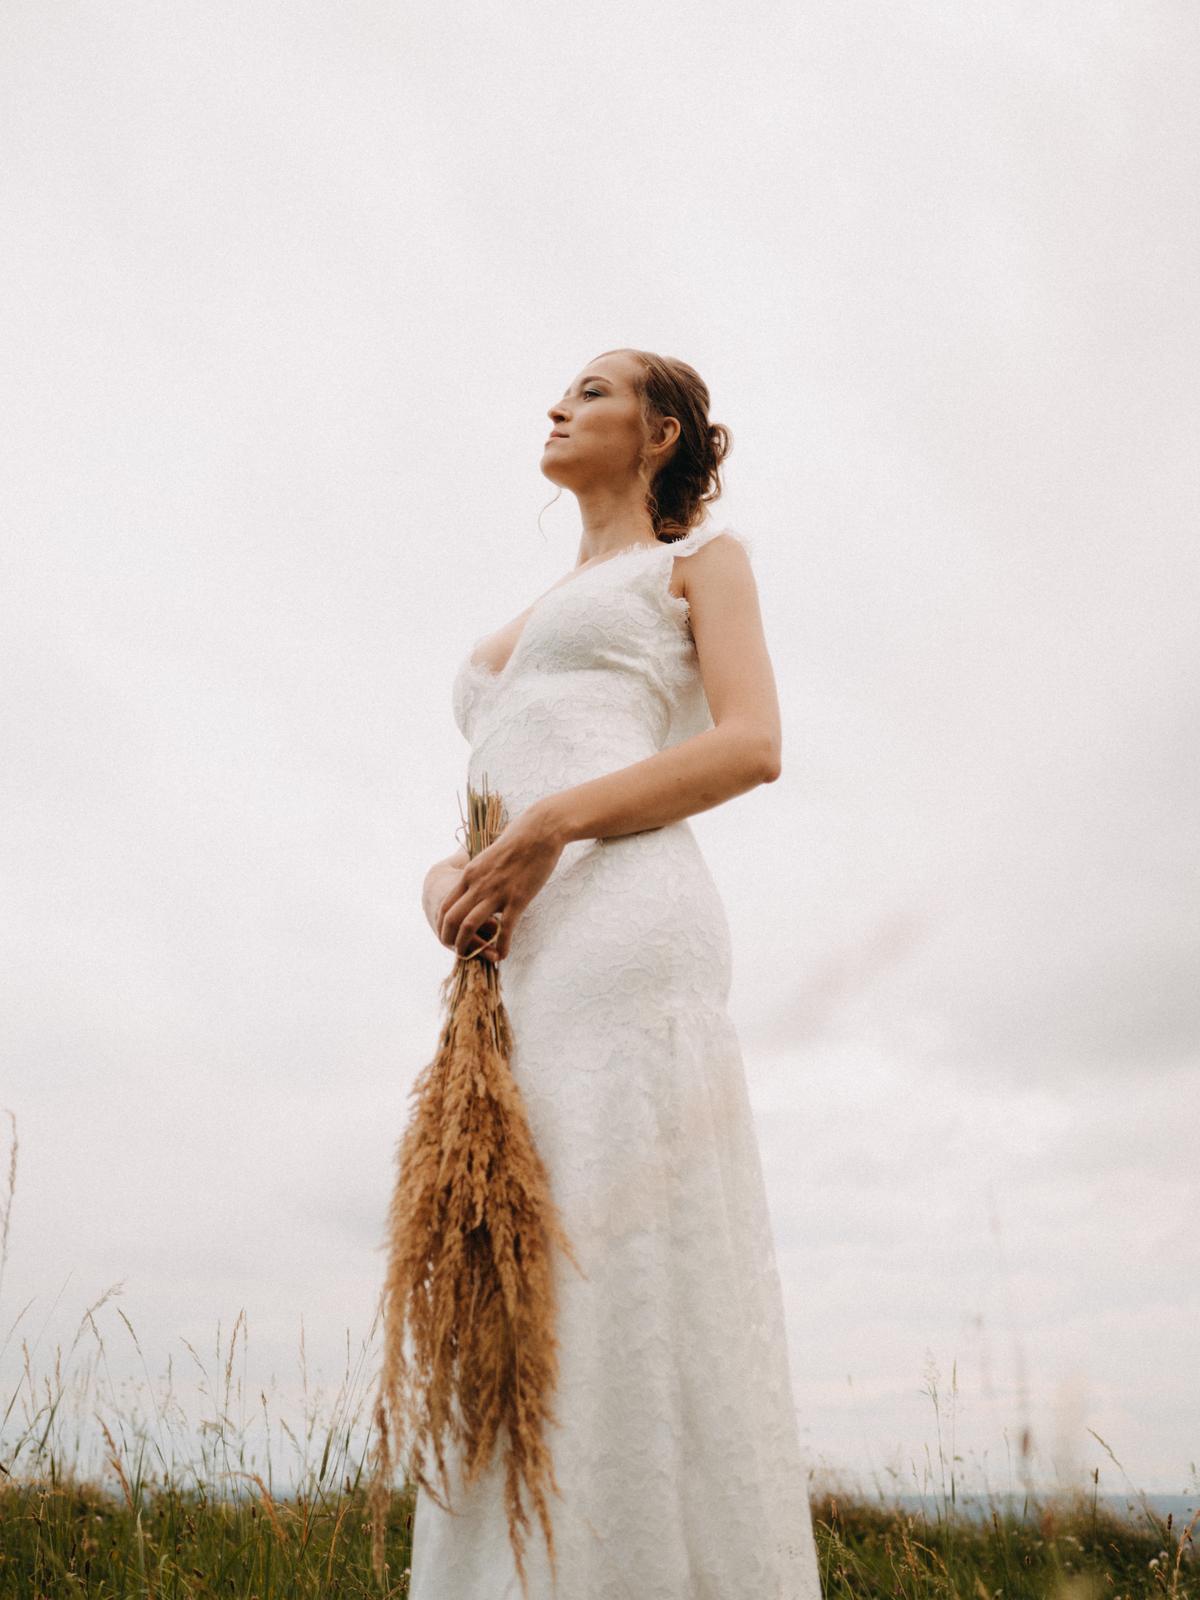 Celokrajkové svatební šaty vel. 36 - Obrázek č. 2